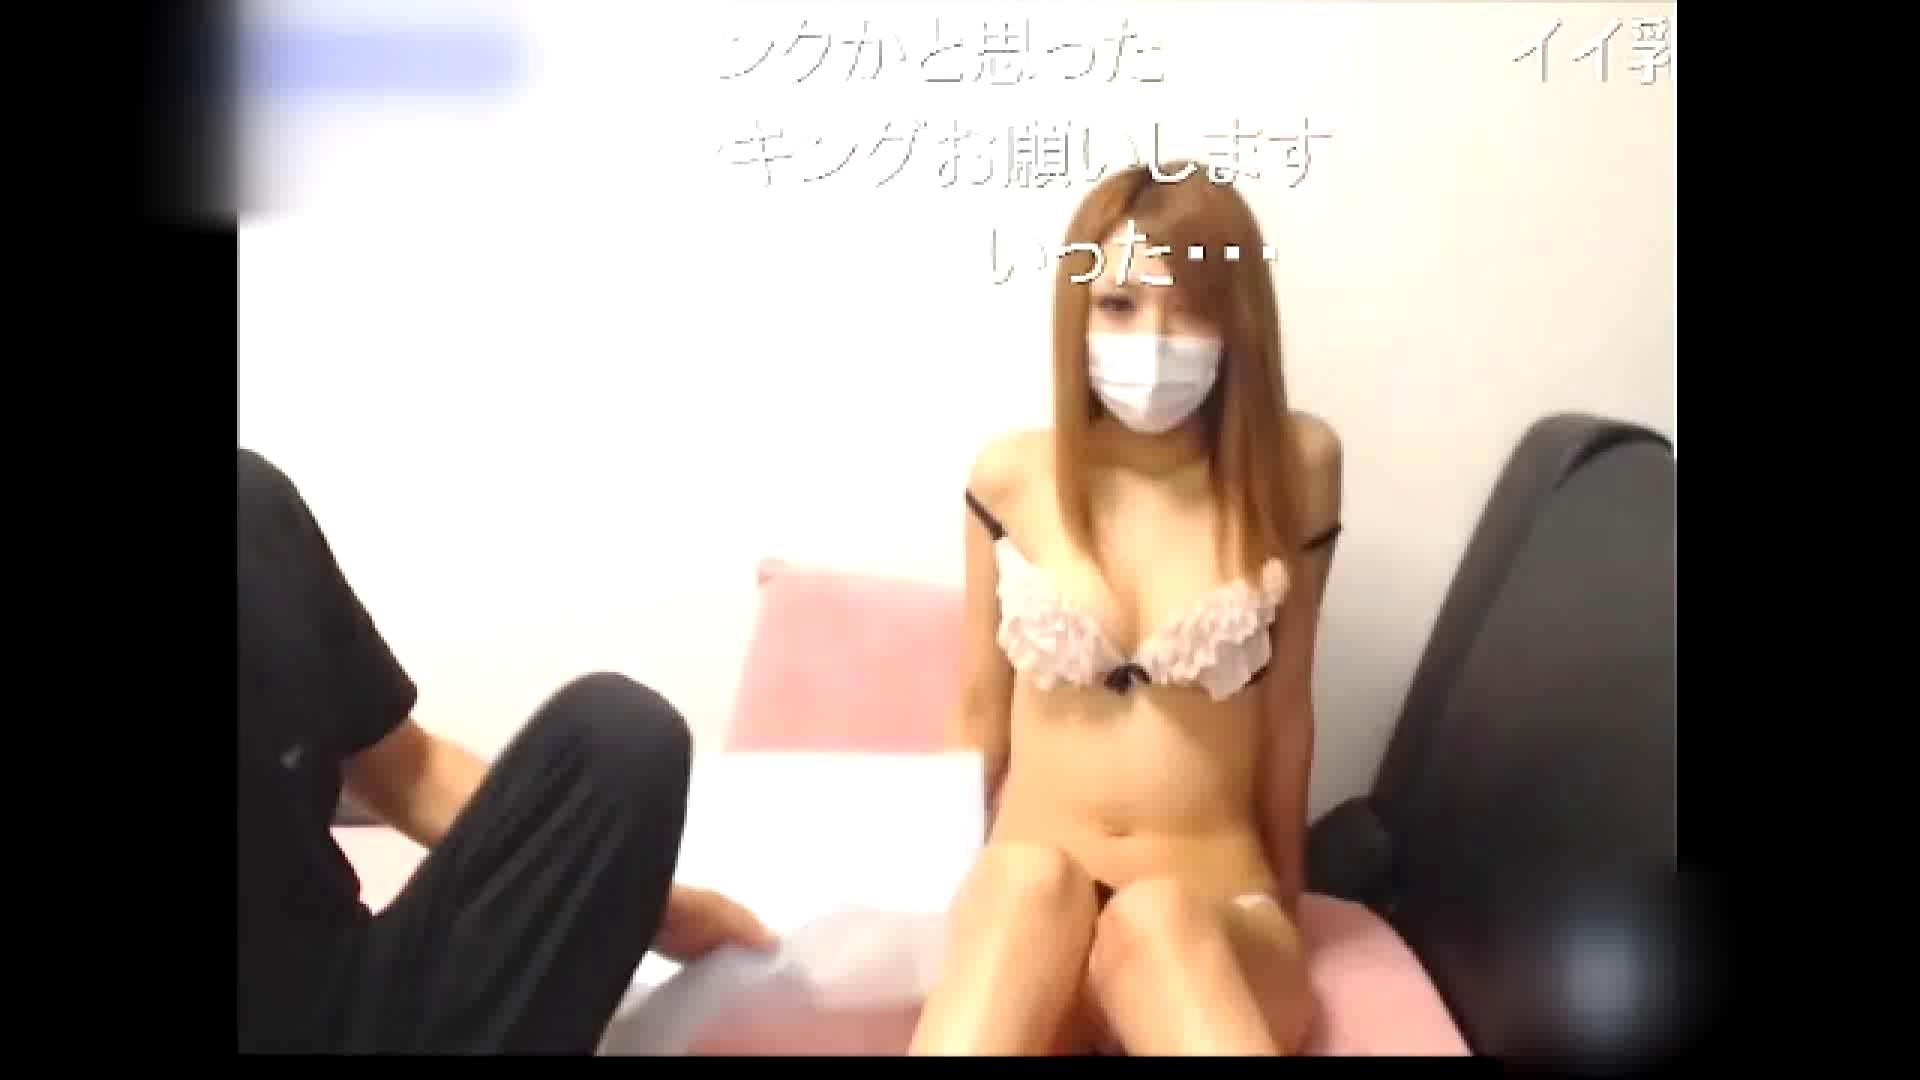 アッと驚くハメ五郎 Vol.05 OLヌード天国 ヌード画像 69PIX 47